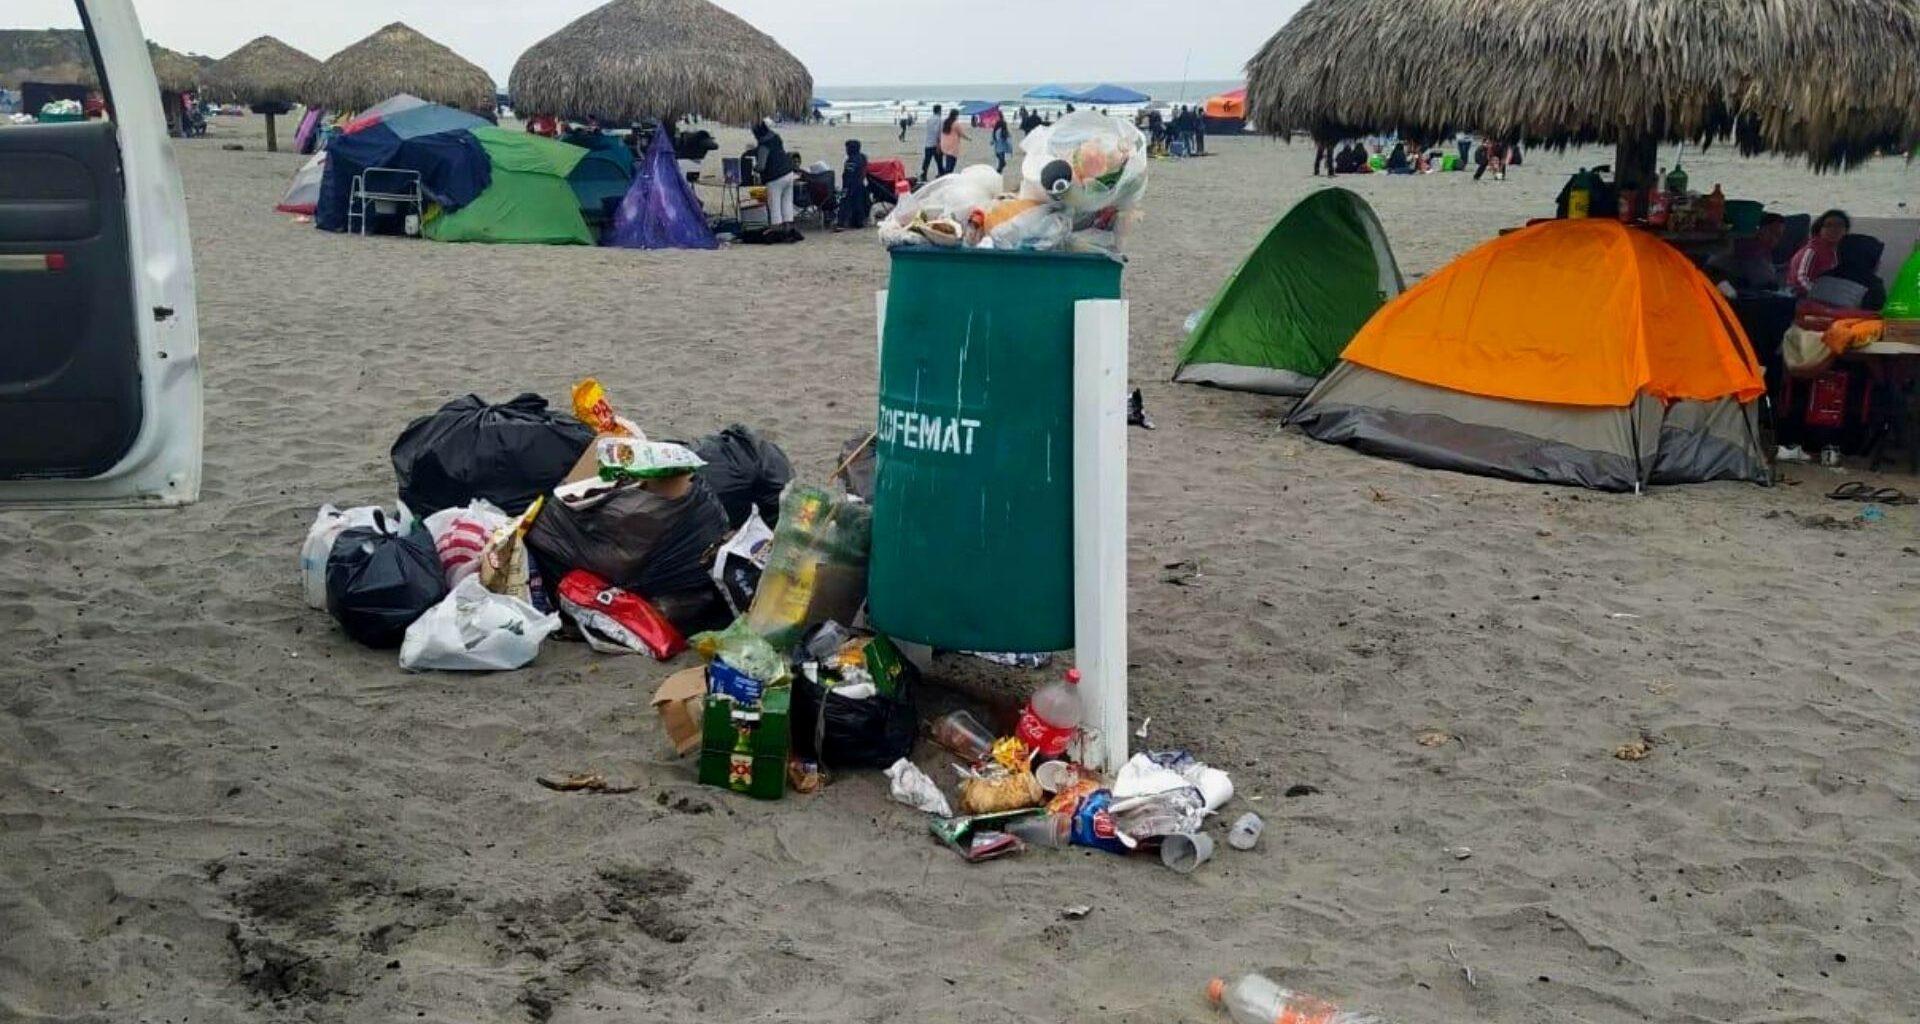 bote de basura verde con bolsas de plástico en el interior y fuera sobre la arena de la playa; detrás hay tiendas de acampar de colores bajo palapas